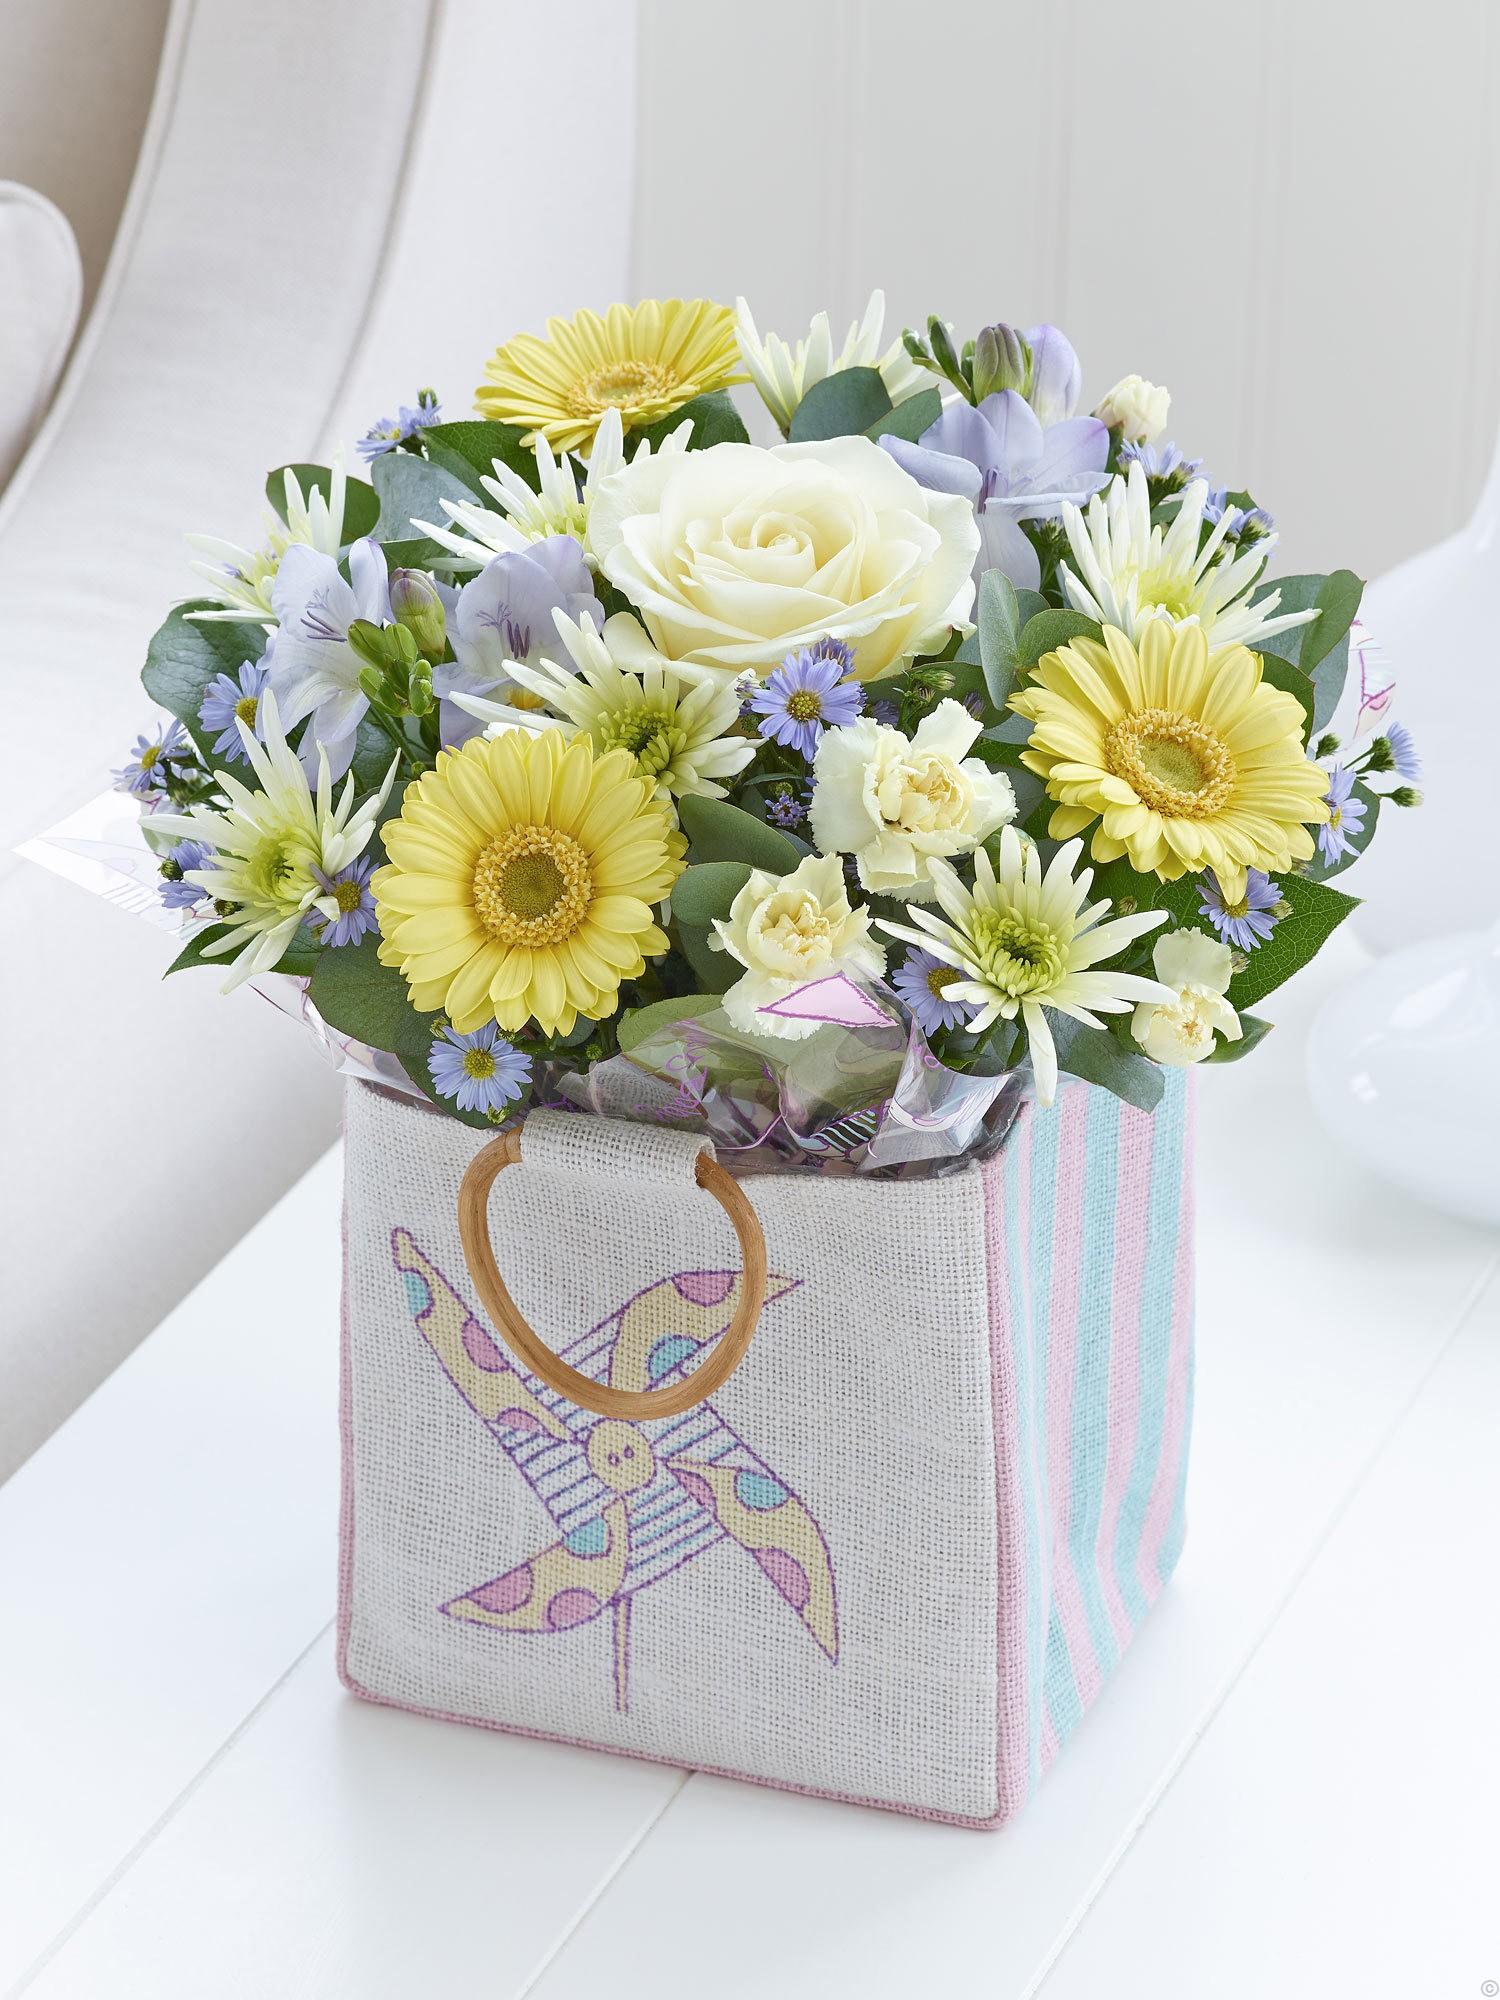 New Born Baby Boy Gifts Uk : Baby boy gift bag sweeneys florist